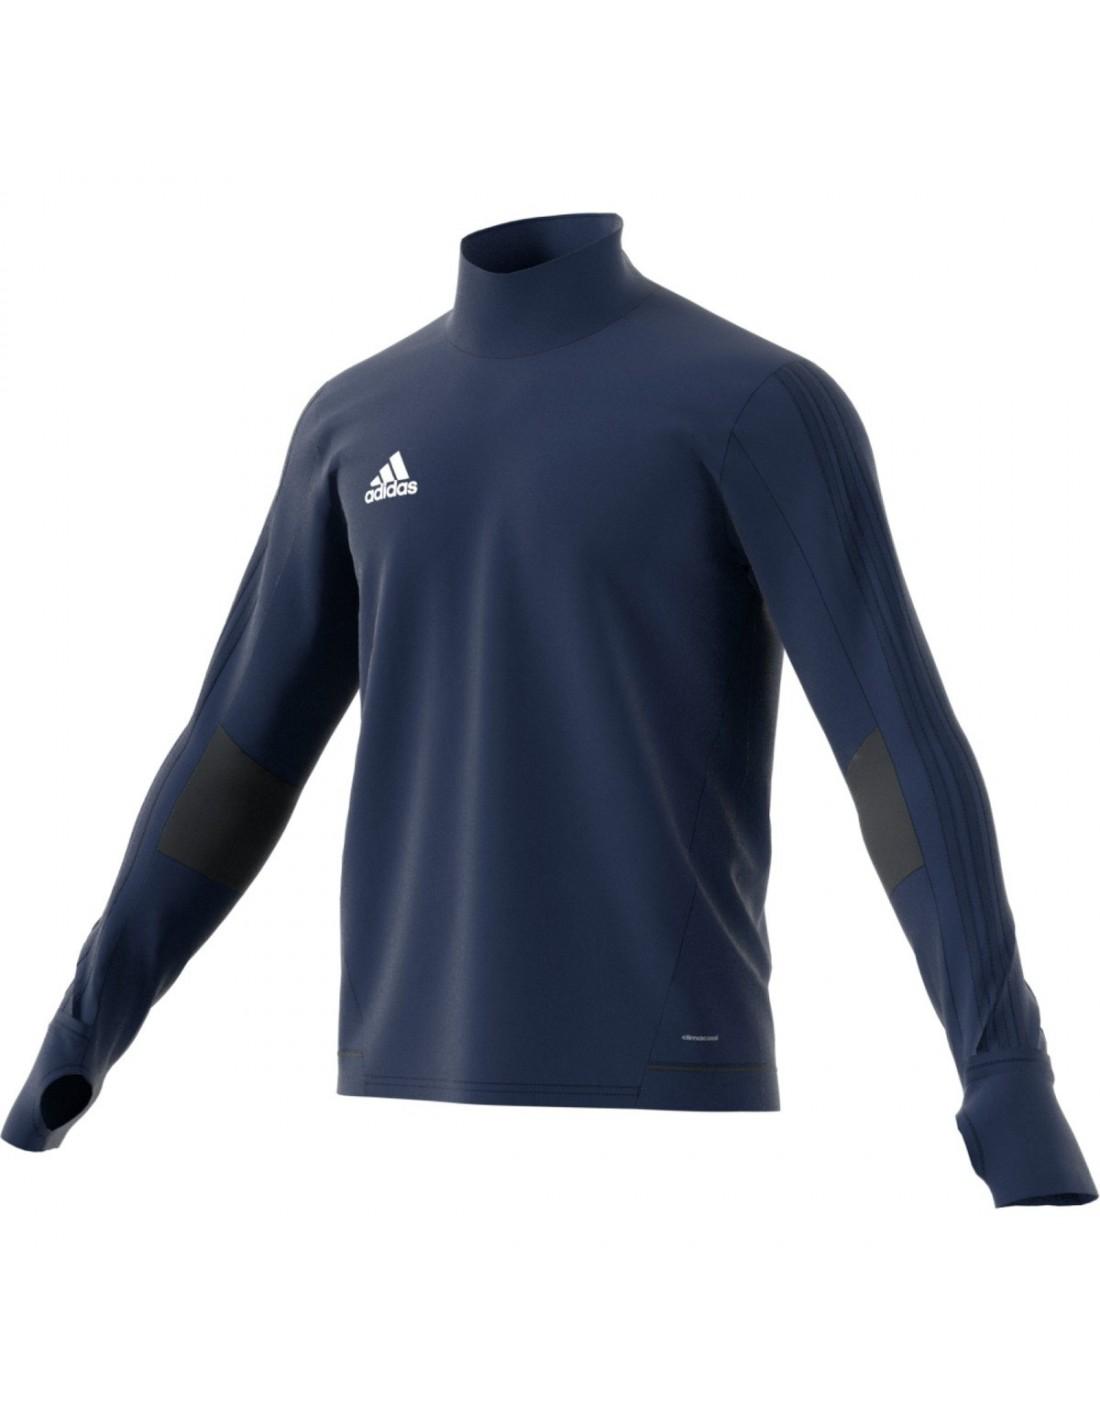 Genser Herrer Adidas Tiro17 Trg Jacket Blå BQ2751 449 kr